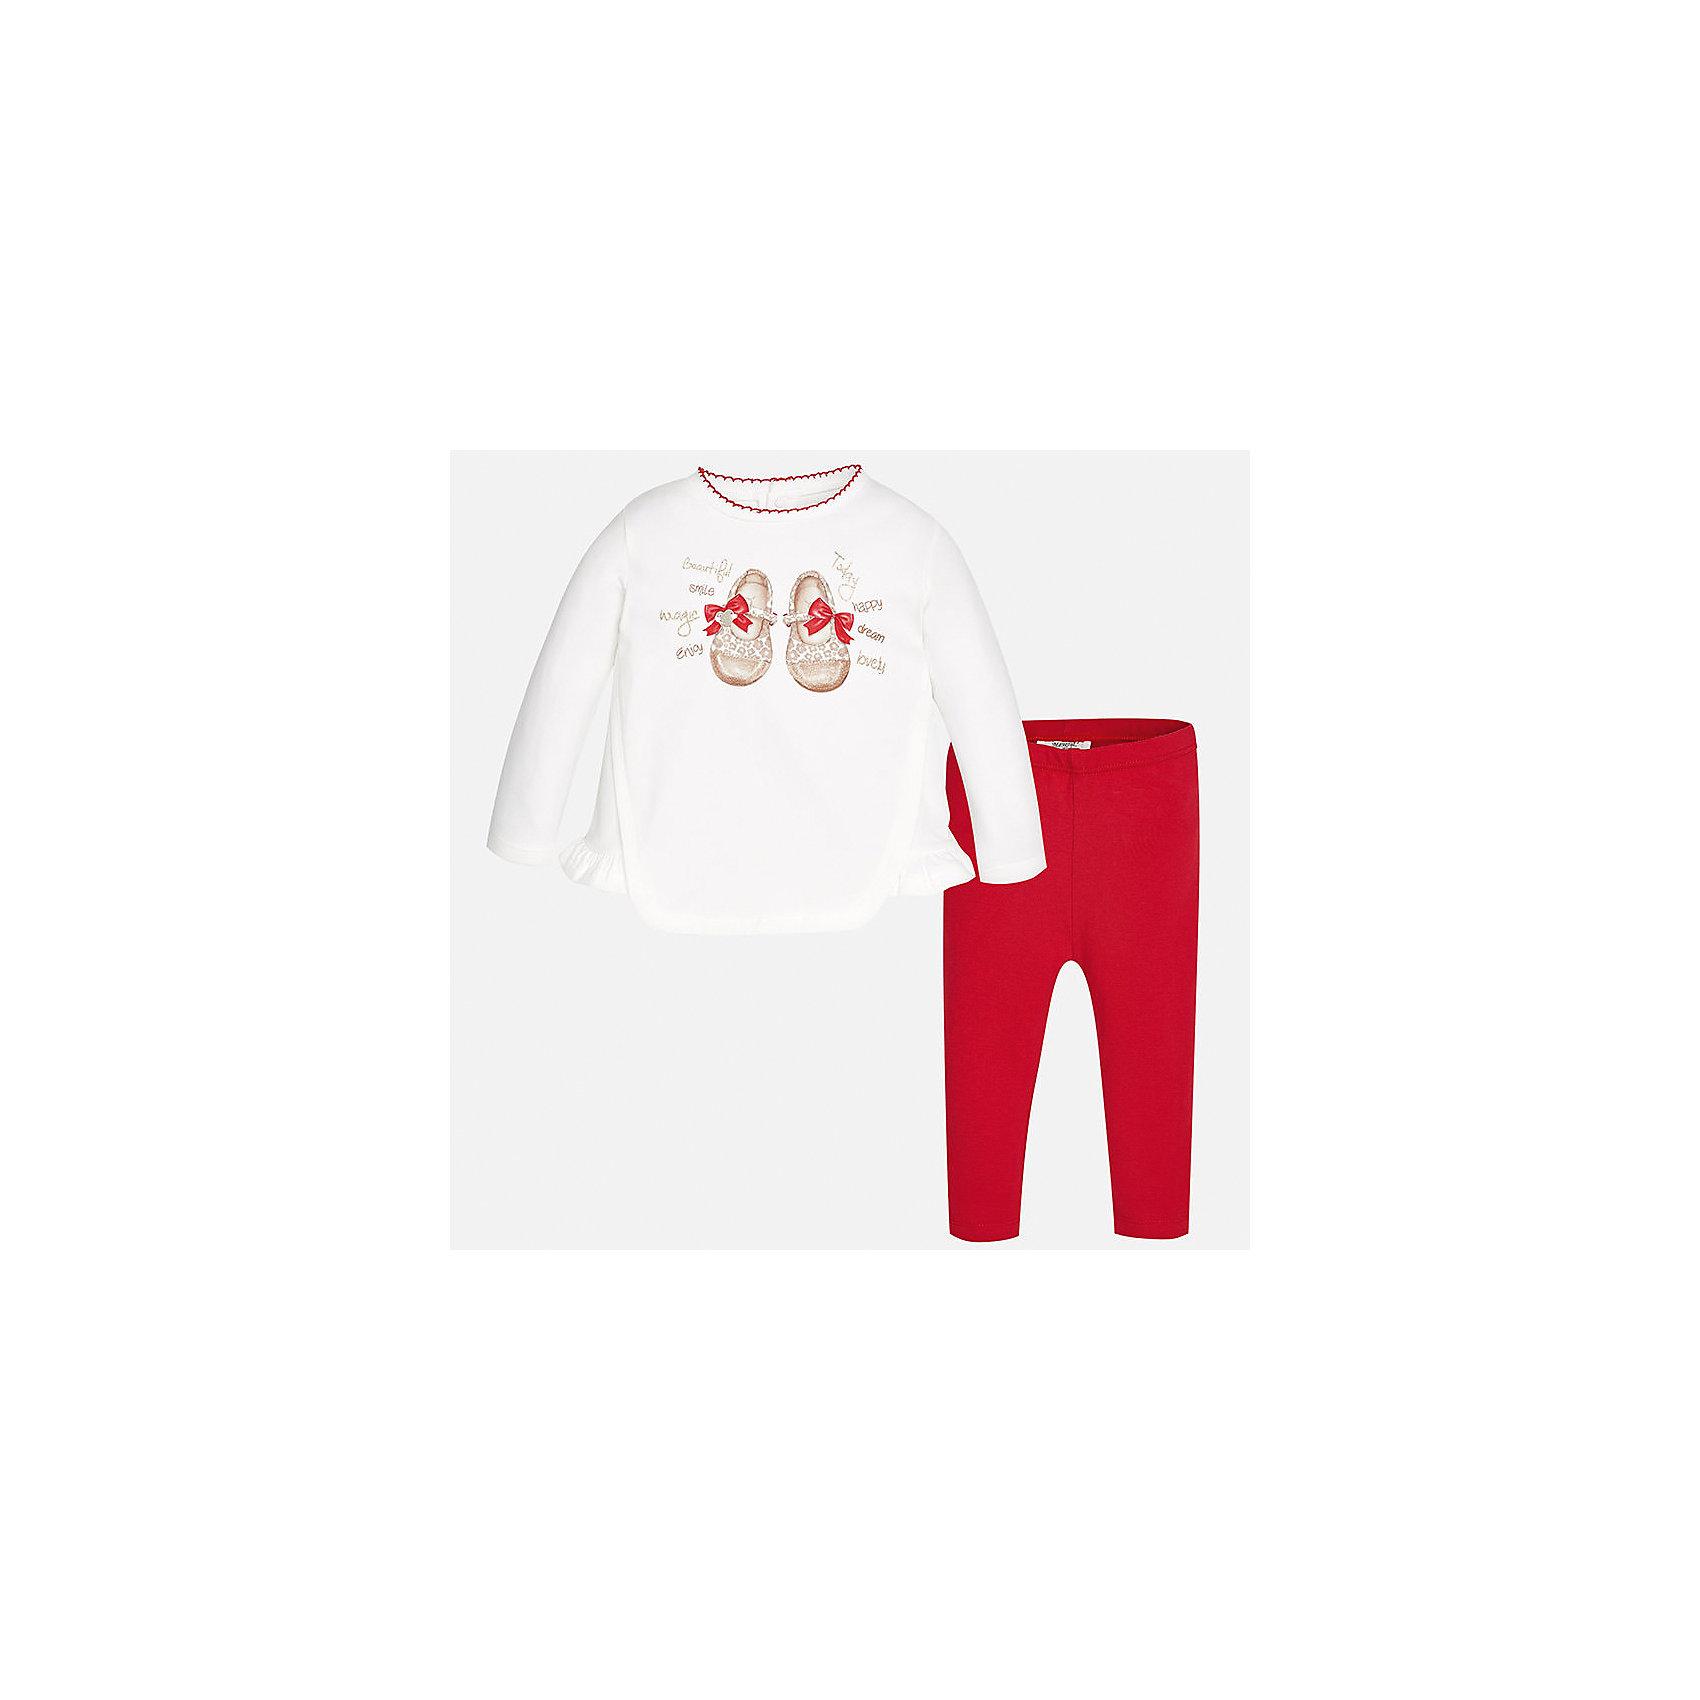 Комплект: футболка с длинным рукавом и леггинсы Mayoral для девочкиКомплекты<br>Характеристики товара:<br><br>• цвет: красный<br>• состав ткани: 92% хлопок, 8% эластан<br>• комплект: лонгслив и леггинсы<br>• сезон: демисезон<br>• особенности: принт с блестками<br>• пояс: резинка<br>• длинные рукава<br>• застежка: кнопки<br>• страна бренда: Испания<br>• страна изготовитель: Индия<br><br>Комфортный детский комплект из лонгслива и леггинсов подойдет для любых мероприятий. Отличный способ обеспечить ребенку комфорт - надеть детские лонгслив и леггинсы от Mayoral. Детские леггинсы однотонные, сшиты из приятного на ощупь материала. Лонгслив для девочки удобно сидит по фигуре. <br><br>Комплект: лонгслив и леггинсы для девочки Mayoral (Майорал) можно купить в нашем интернет-магазине.<br><br>Ширина мм: 123<br>Глубина мм: 10<br>Высота мм: 149<br>Вес г: 209<br>Цвет: красный<br>Возраст от месяцев: 18<br>Возраст до месяцев: 24<br>Пол: Женский<br>Возраст: Детский<br>Размер: 92,98,74,80,86<br>SKU: 6920589